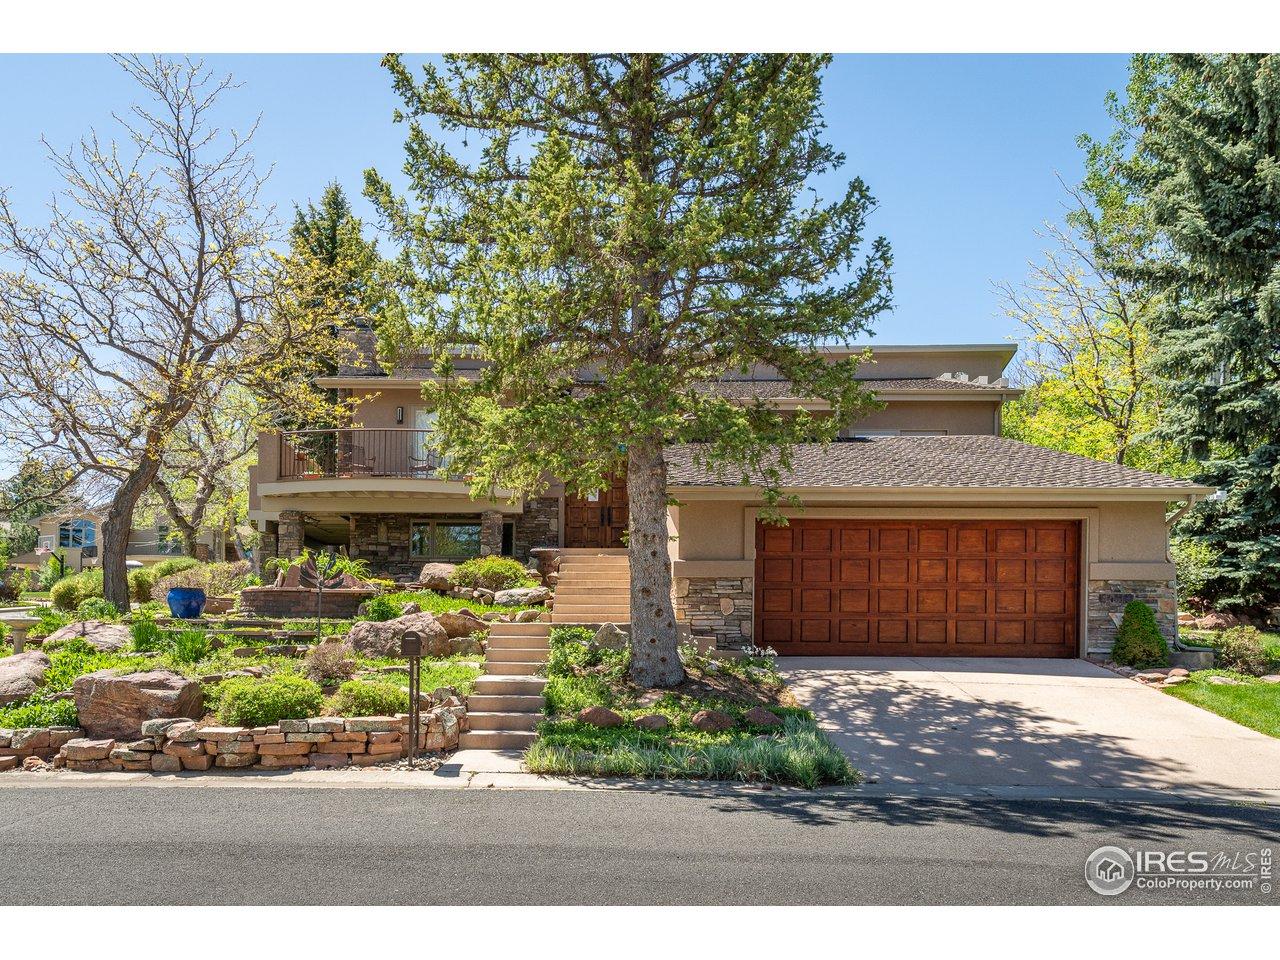 2407 Briarwood Dr, Boulder CO 80305